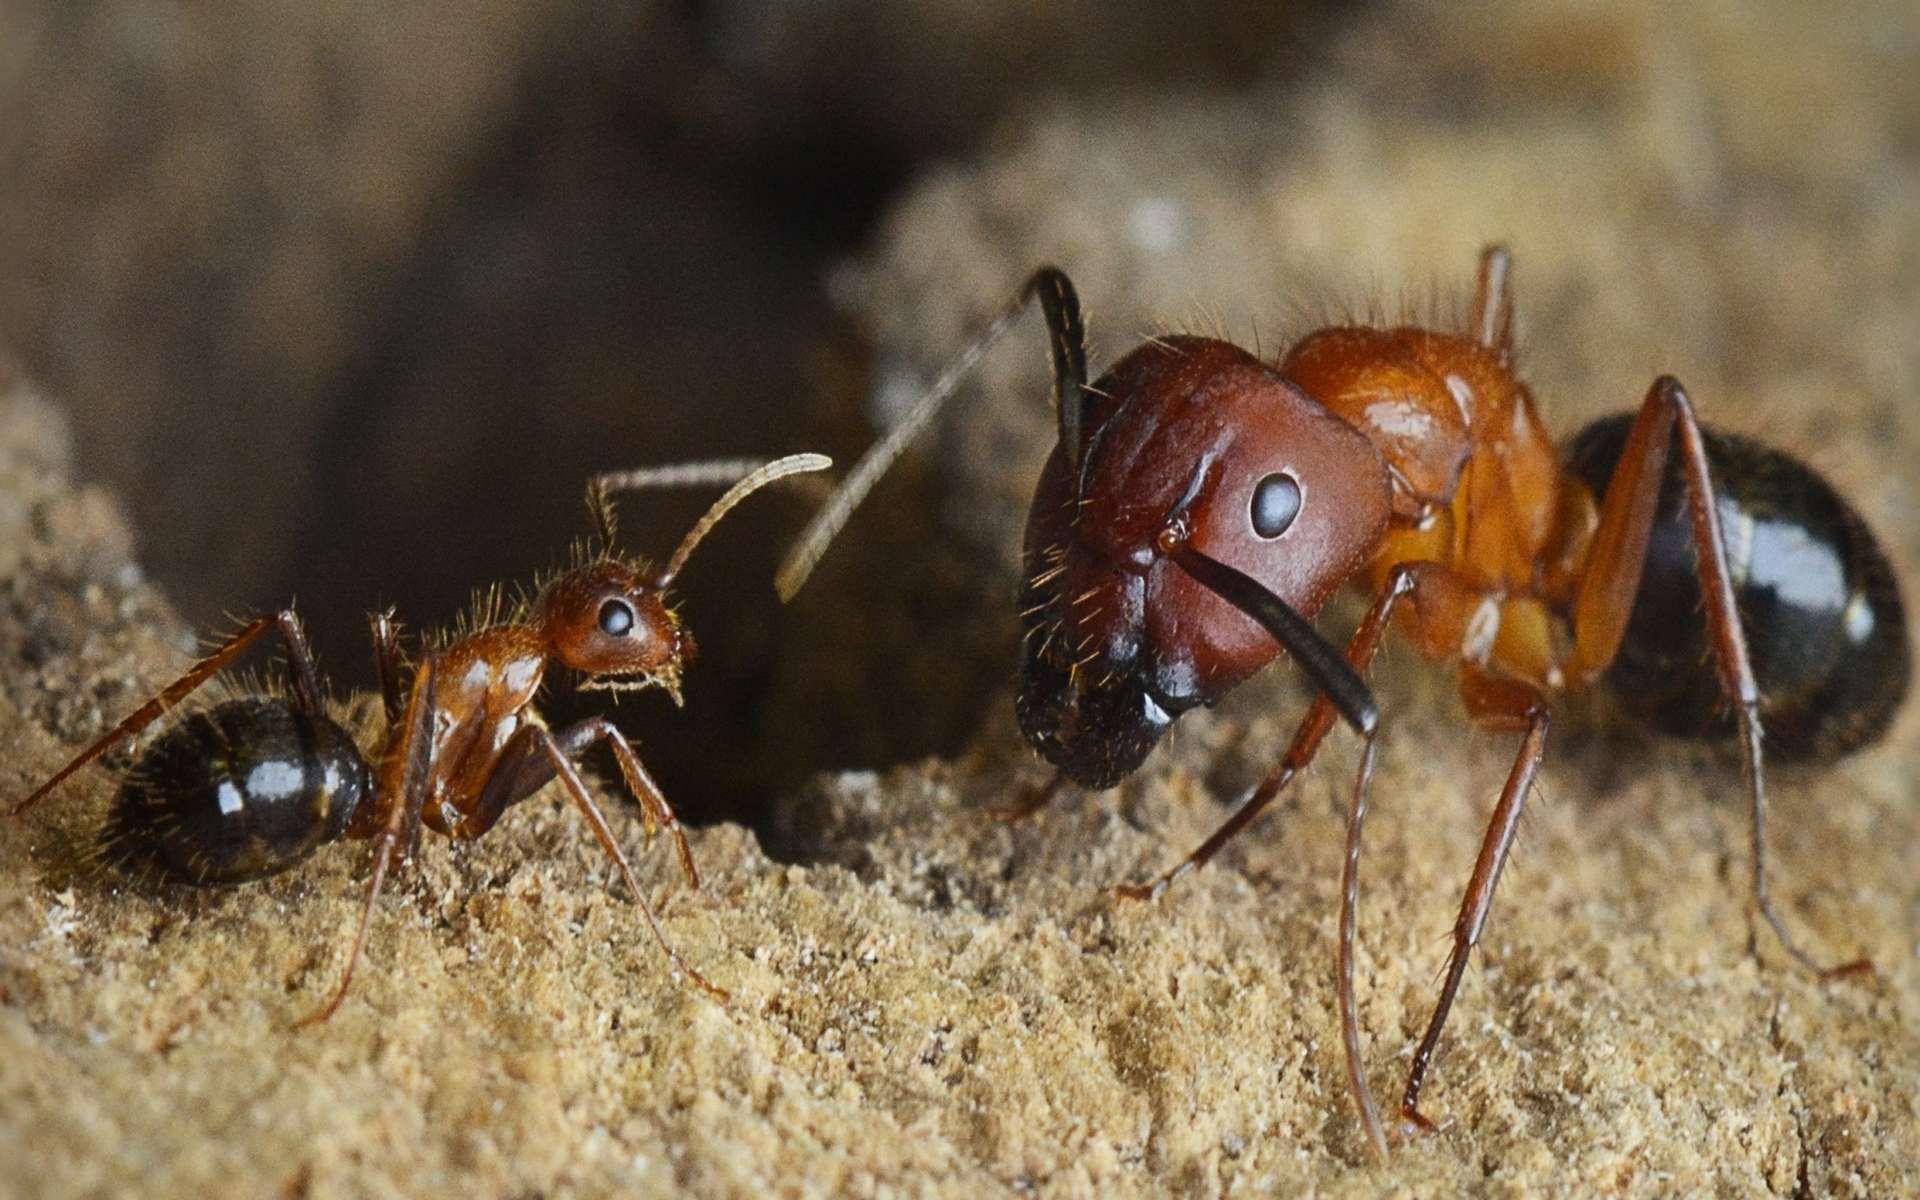 Les fourmis charpentières de Floride, Camponotus floridanus, ont les mêmes gènes. Pourtant la soldate, à droite, est bien plus grande que l'ouvrière, à gauche. Leurs comportements sont très différents aussi et semblent liés à l'expression de certains gènes, régulée par des protéines liées à l'ADN, les histones. © The lab of Shelley Berger, PhD, Perelman School of Medicine, University of Pennsylvania